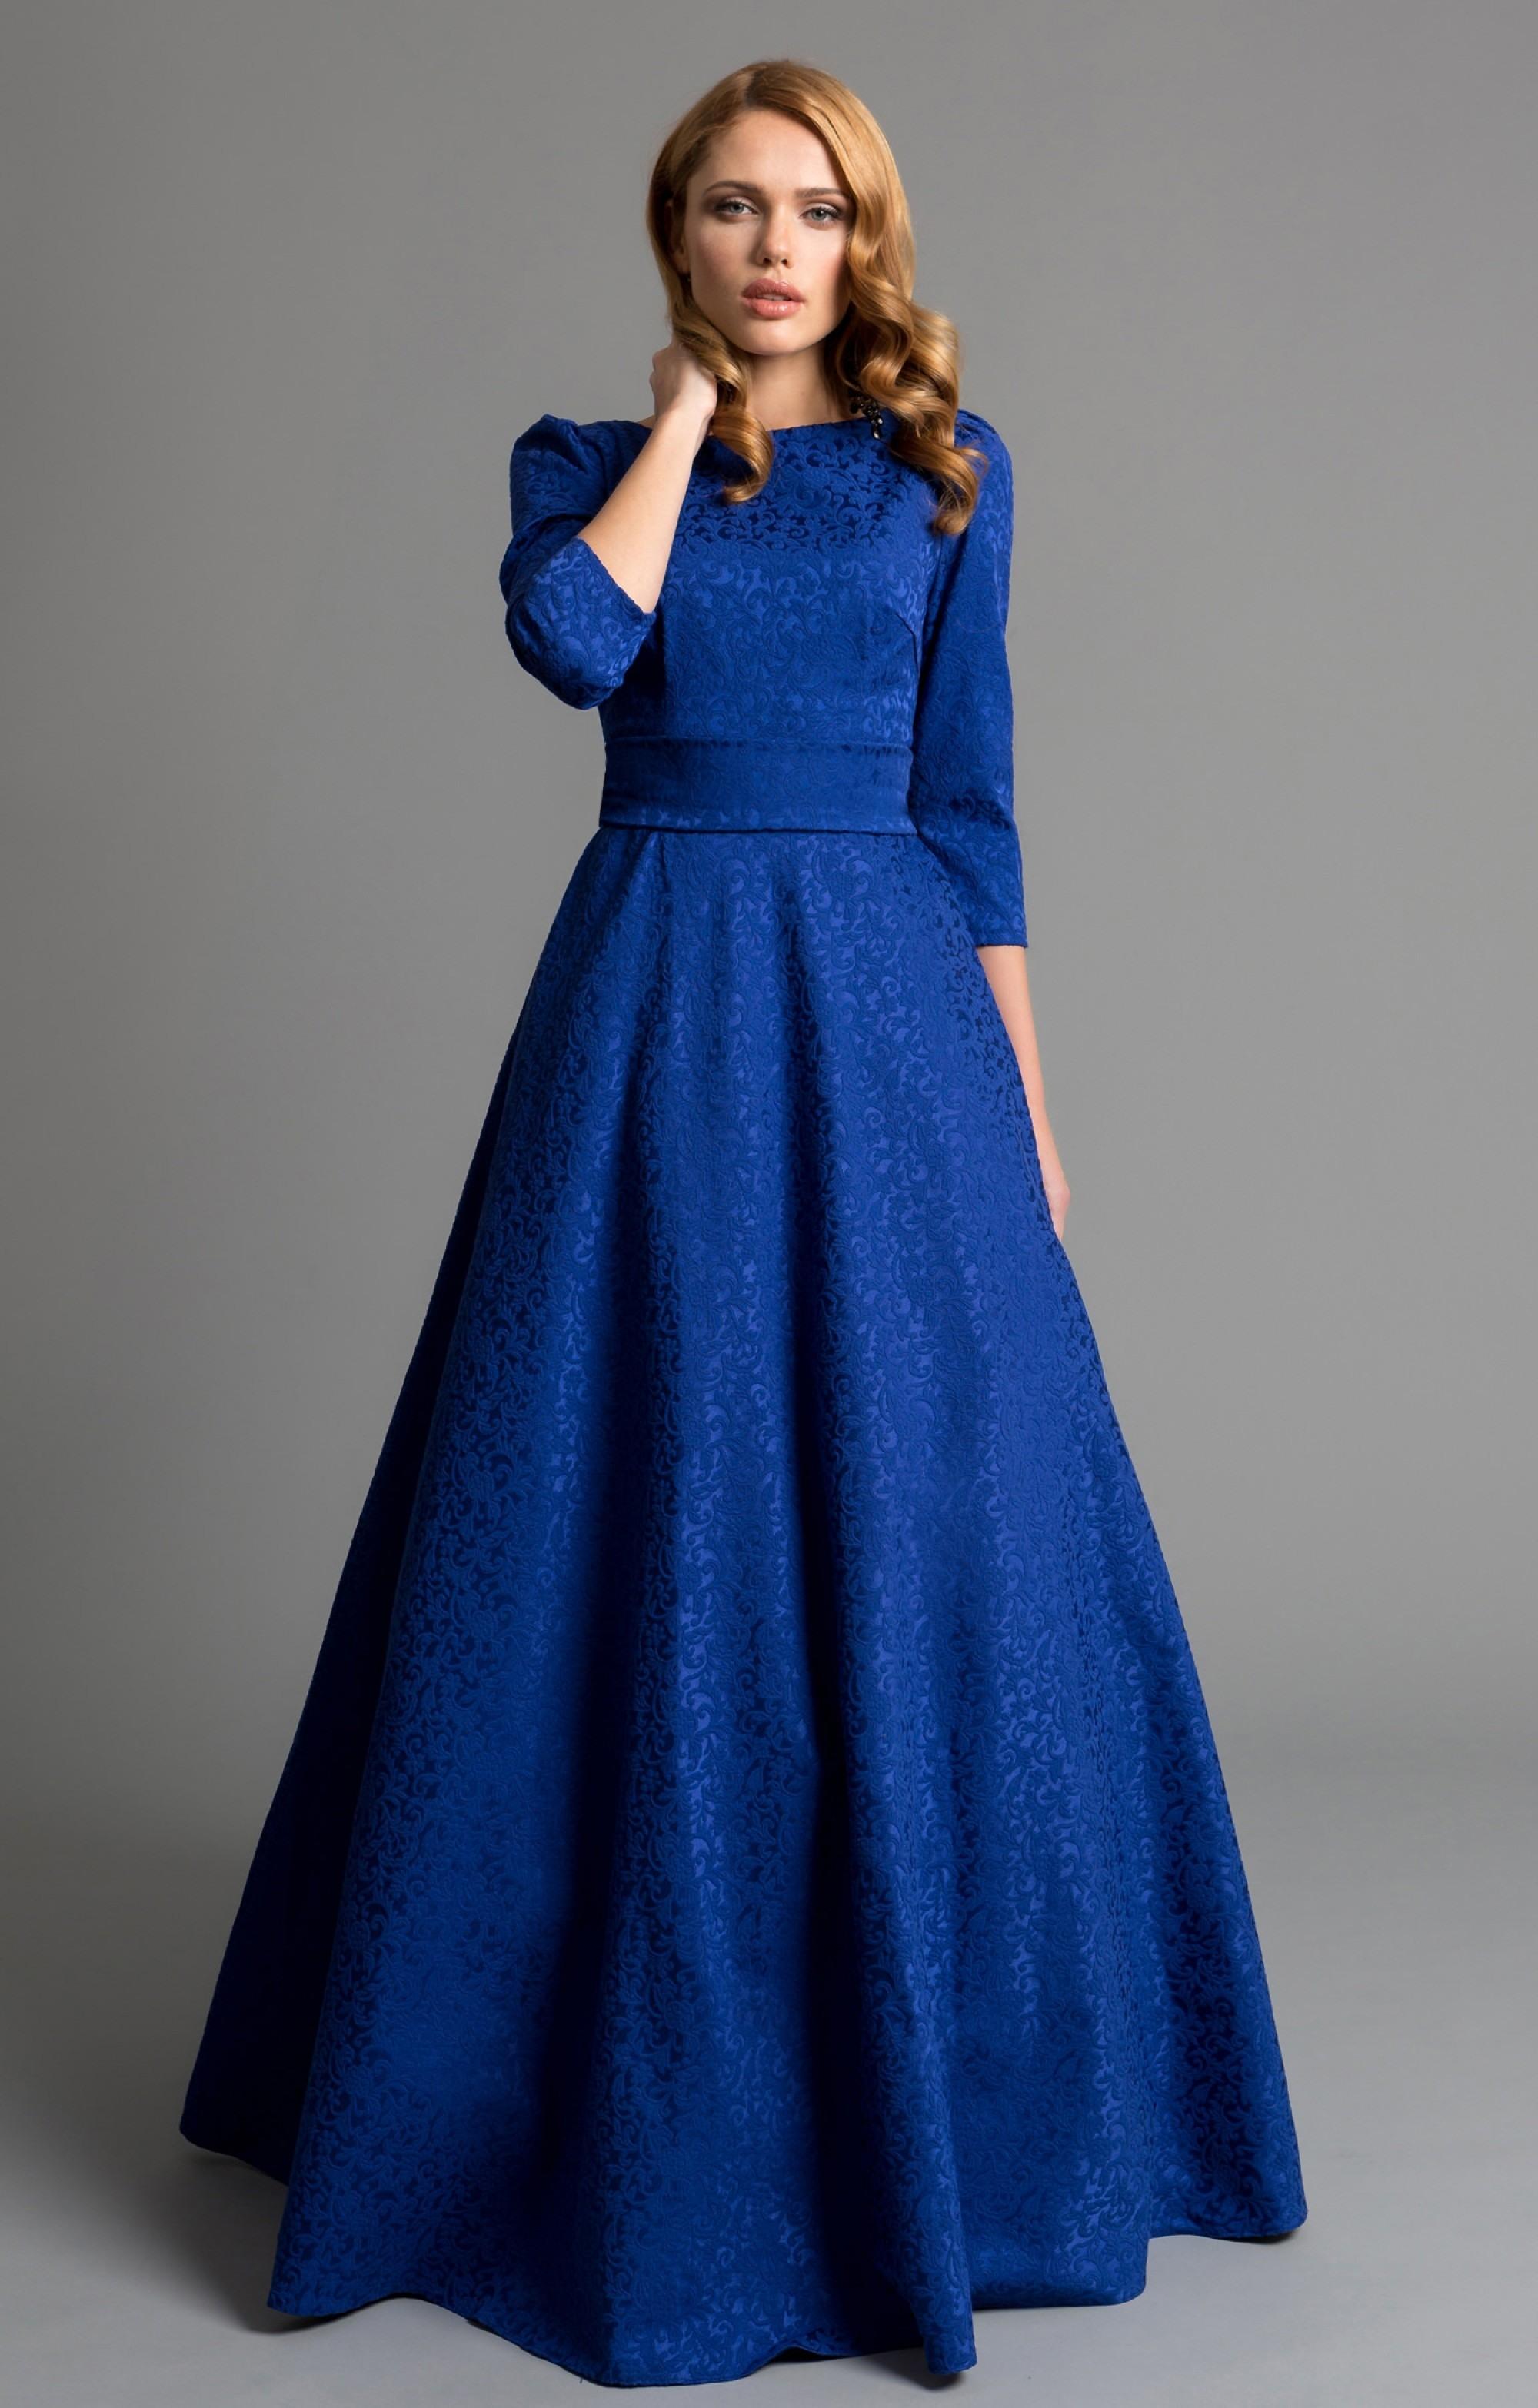 Formal Luxurius Abendkleid Blau DesignFormal Einfach Abendkleid Blau Spezialgebiet